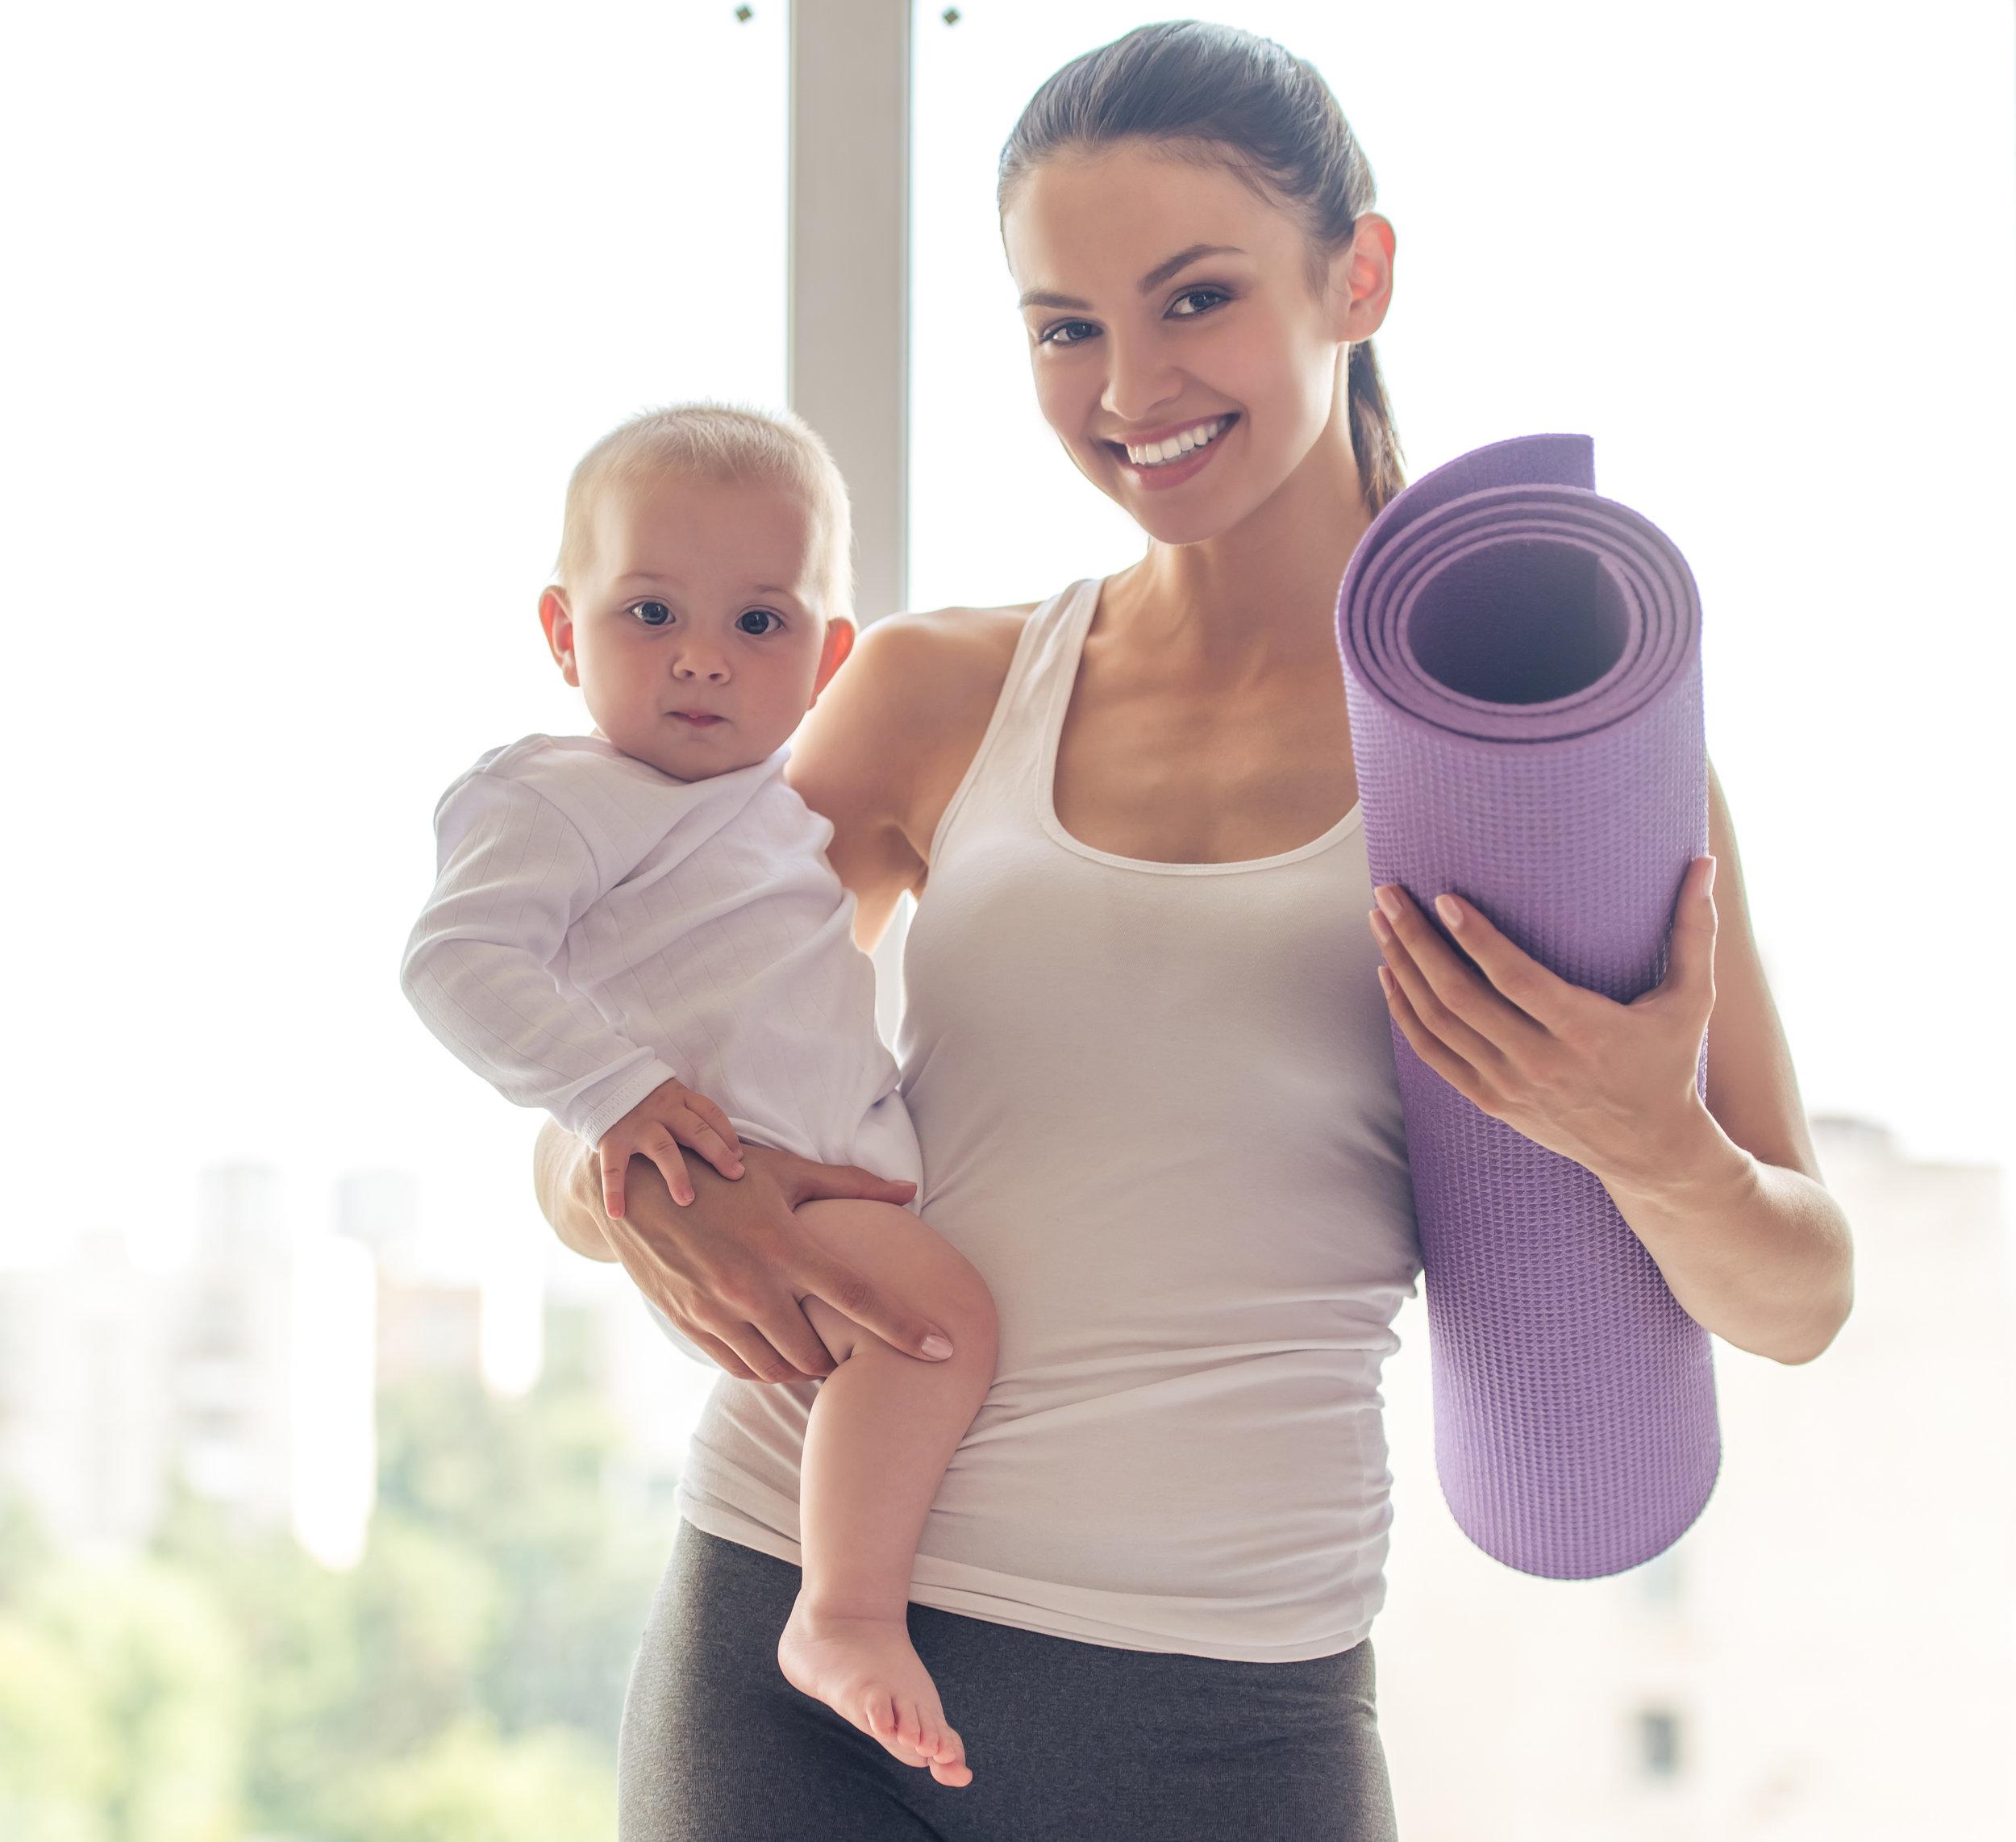 Mamma og baby trening på bekken og barn